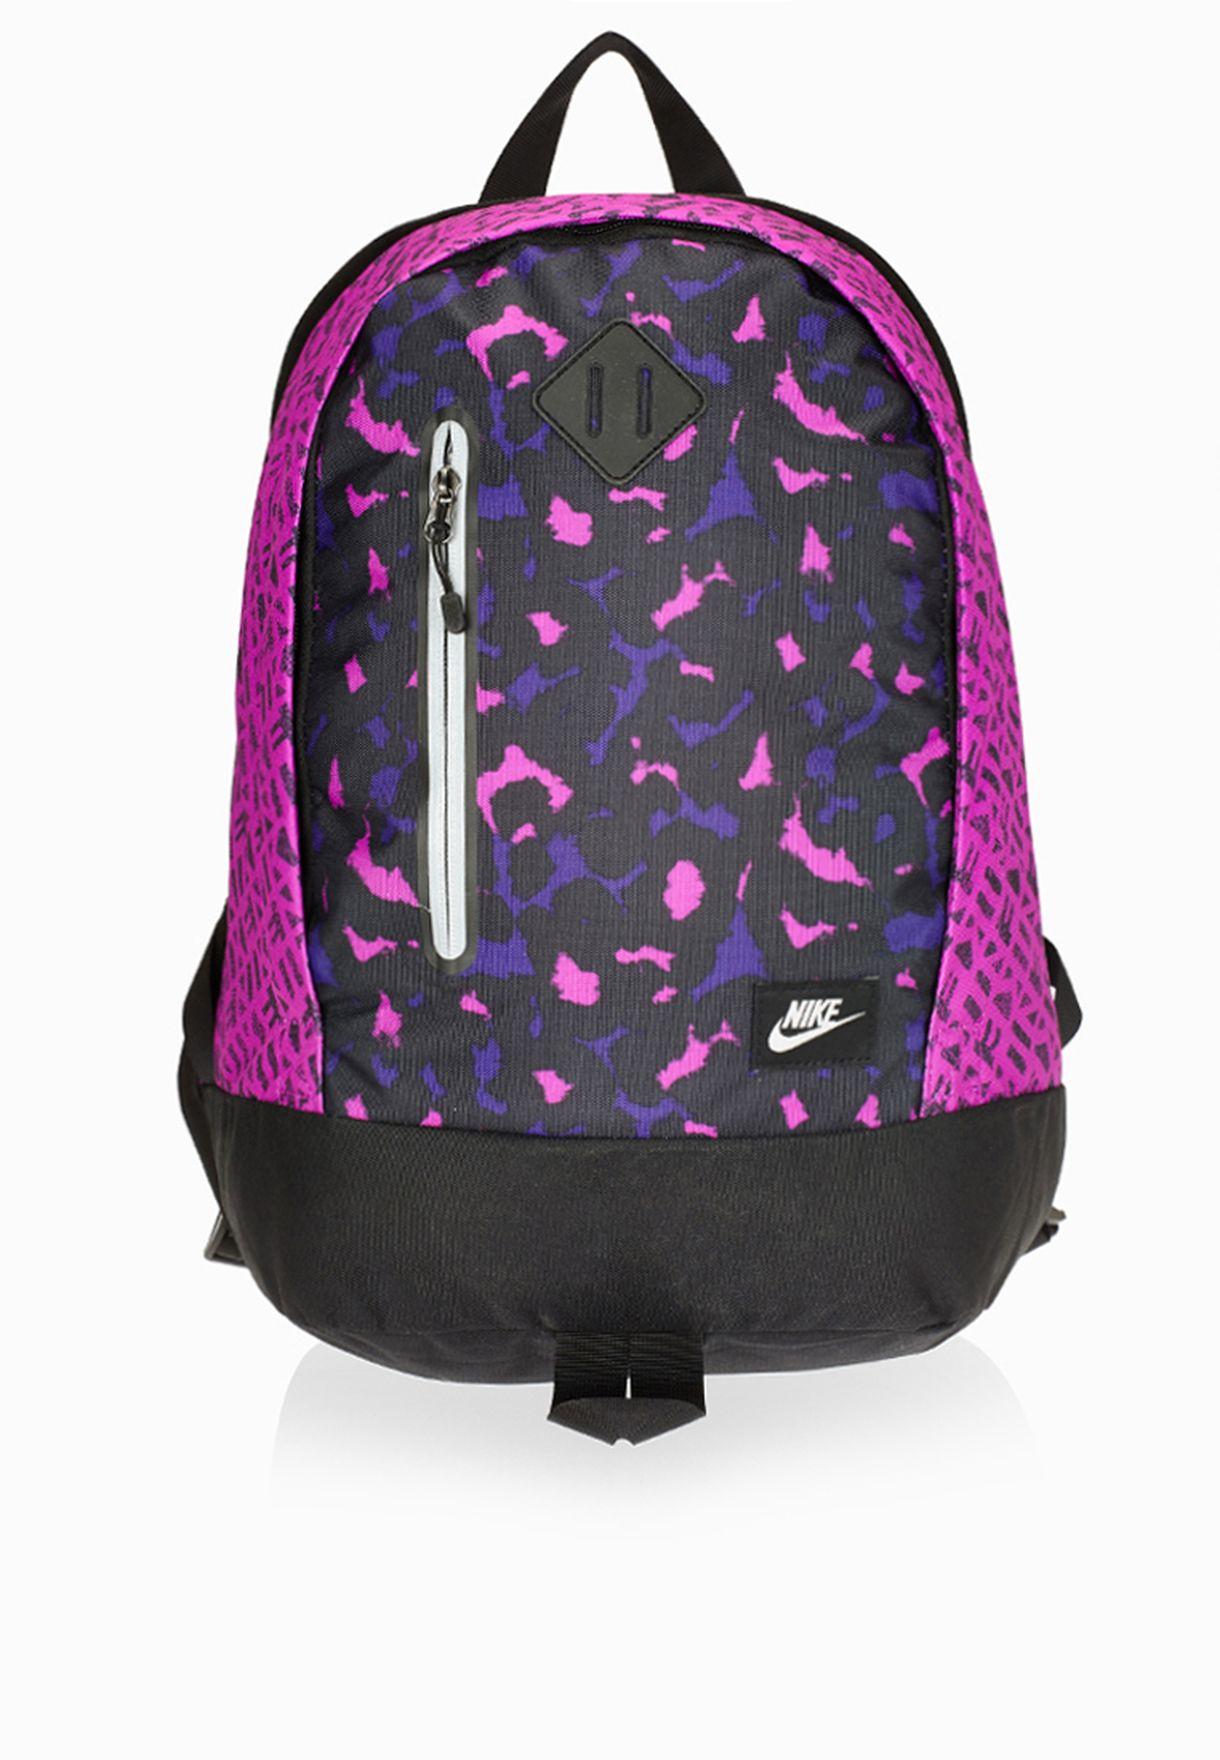 0c9e7d9e87 Shop Nike purple Cheyenne Backpack BA4735-505 for Kids in UAE ...